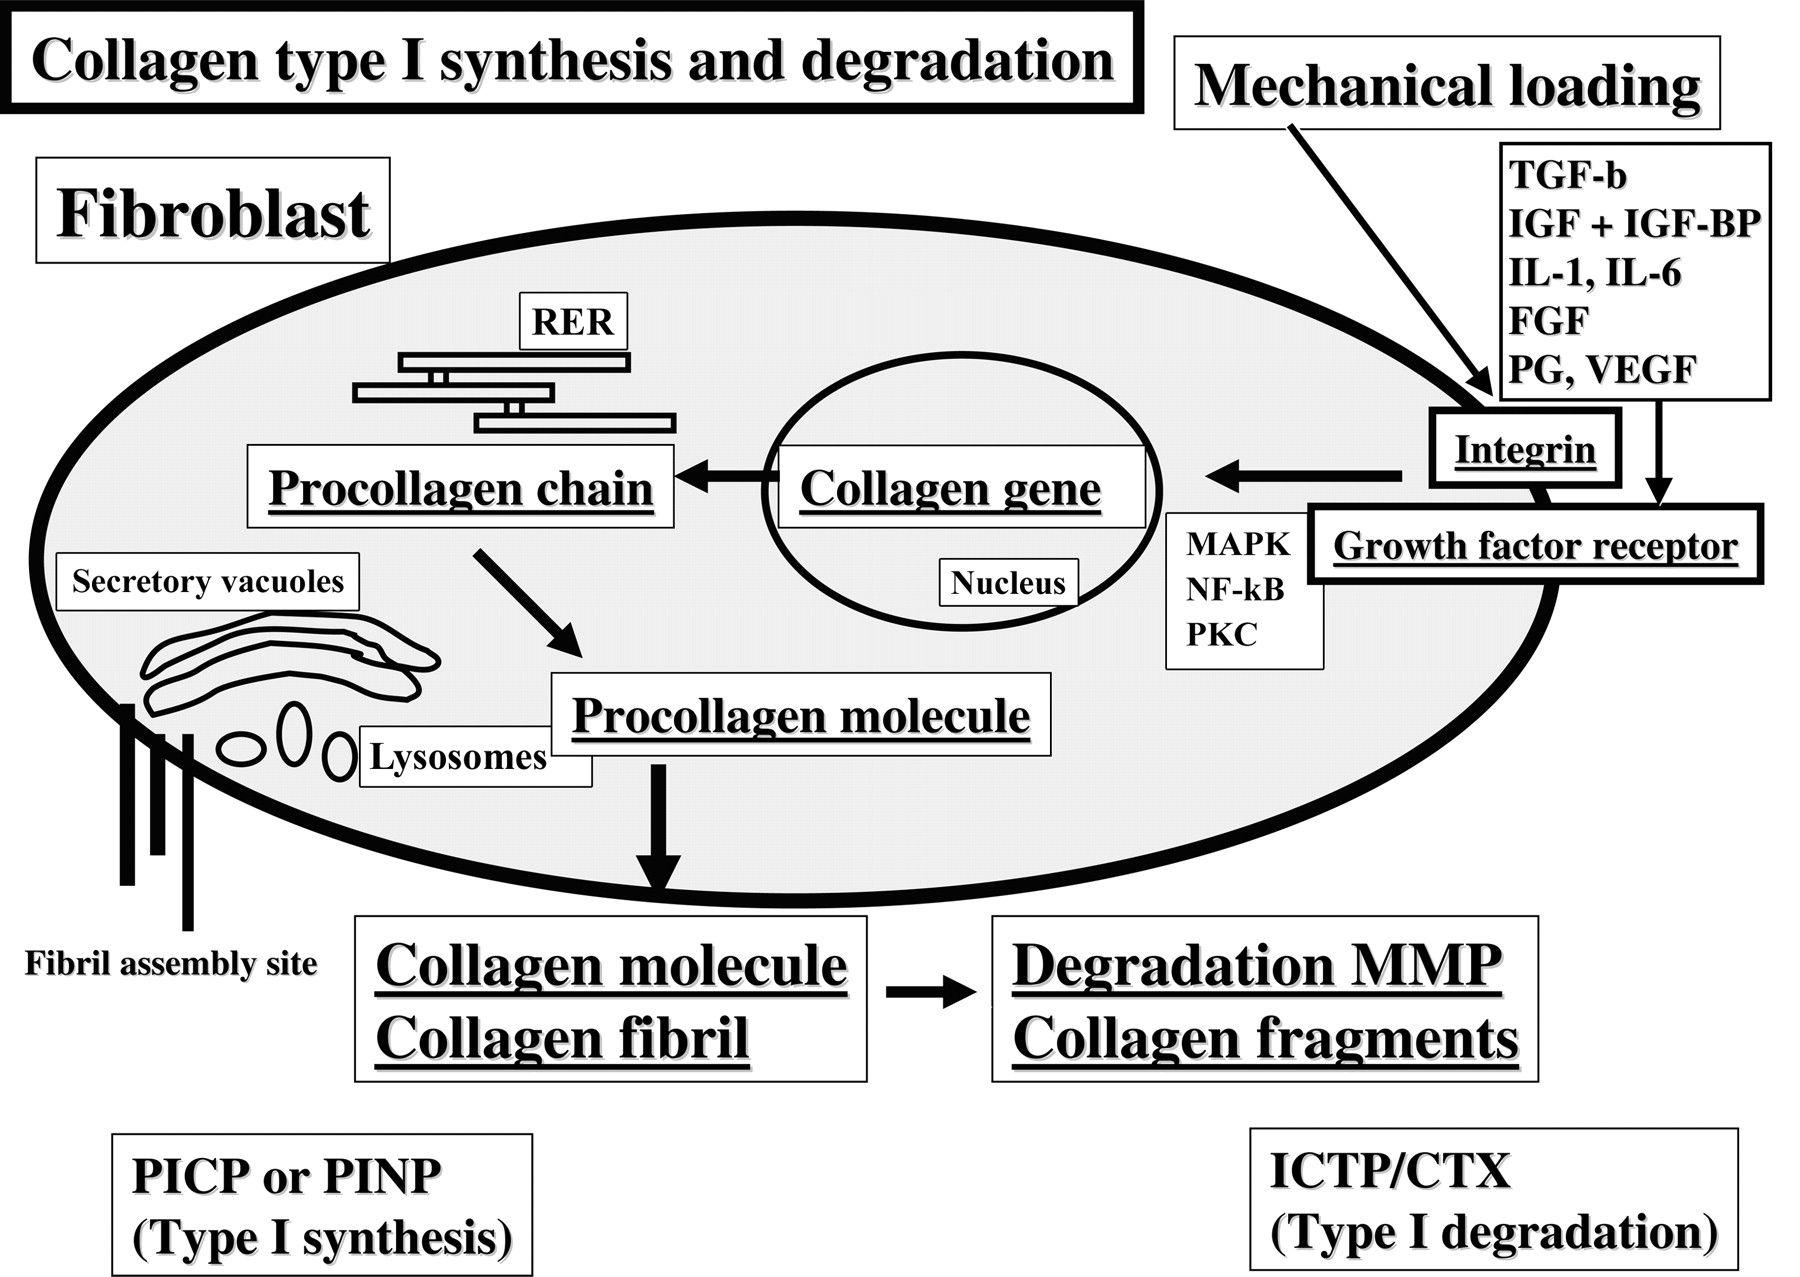 collagen synthesis pathway uc5d0  ub300 ud55c  uc774 ubbf8 uc9c0  uac80 uc0c9 uacb0 uacfc